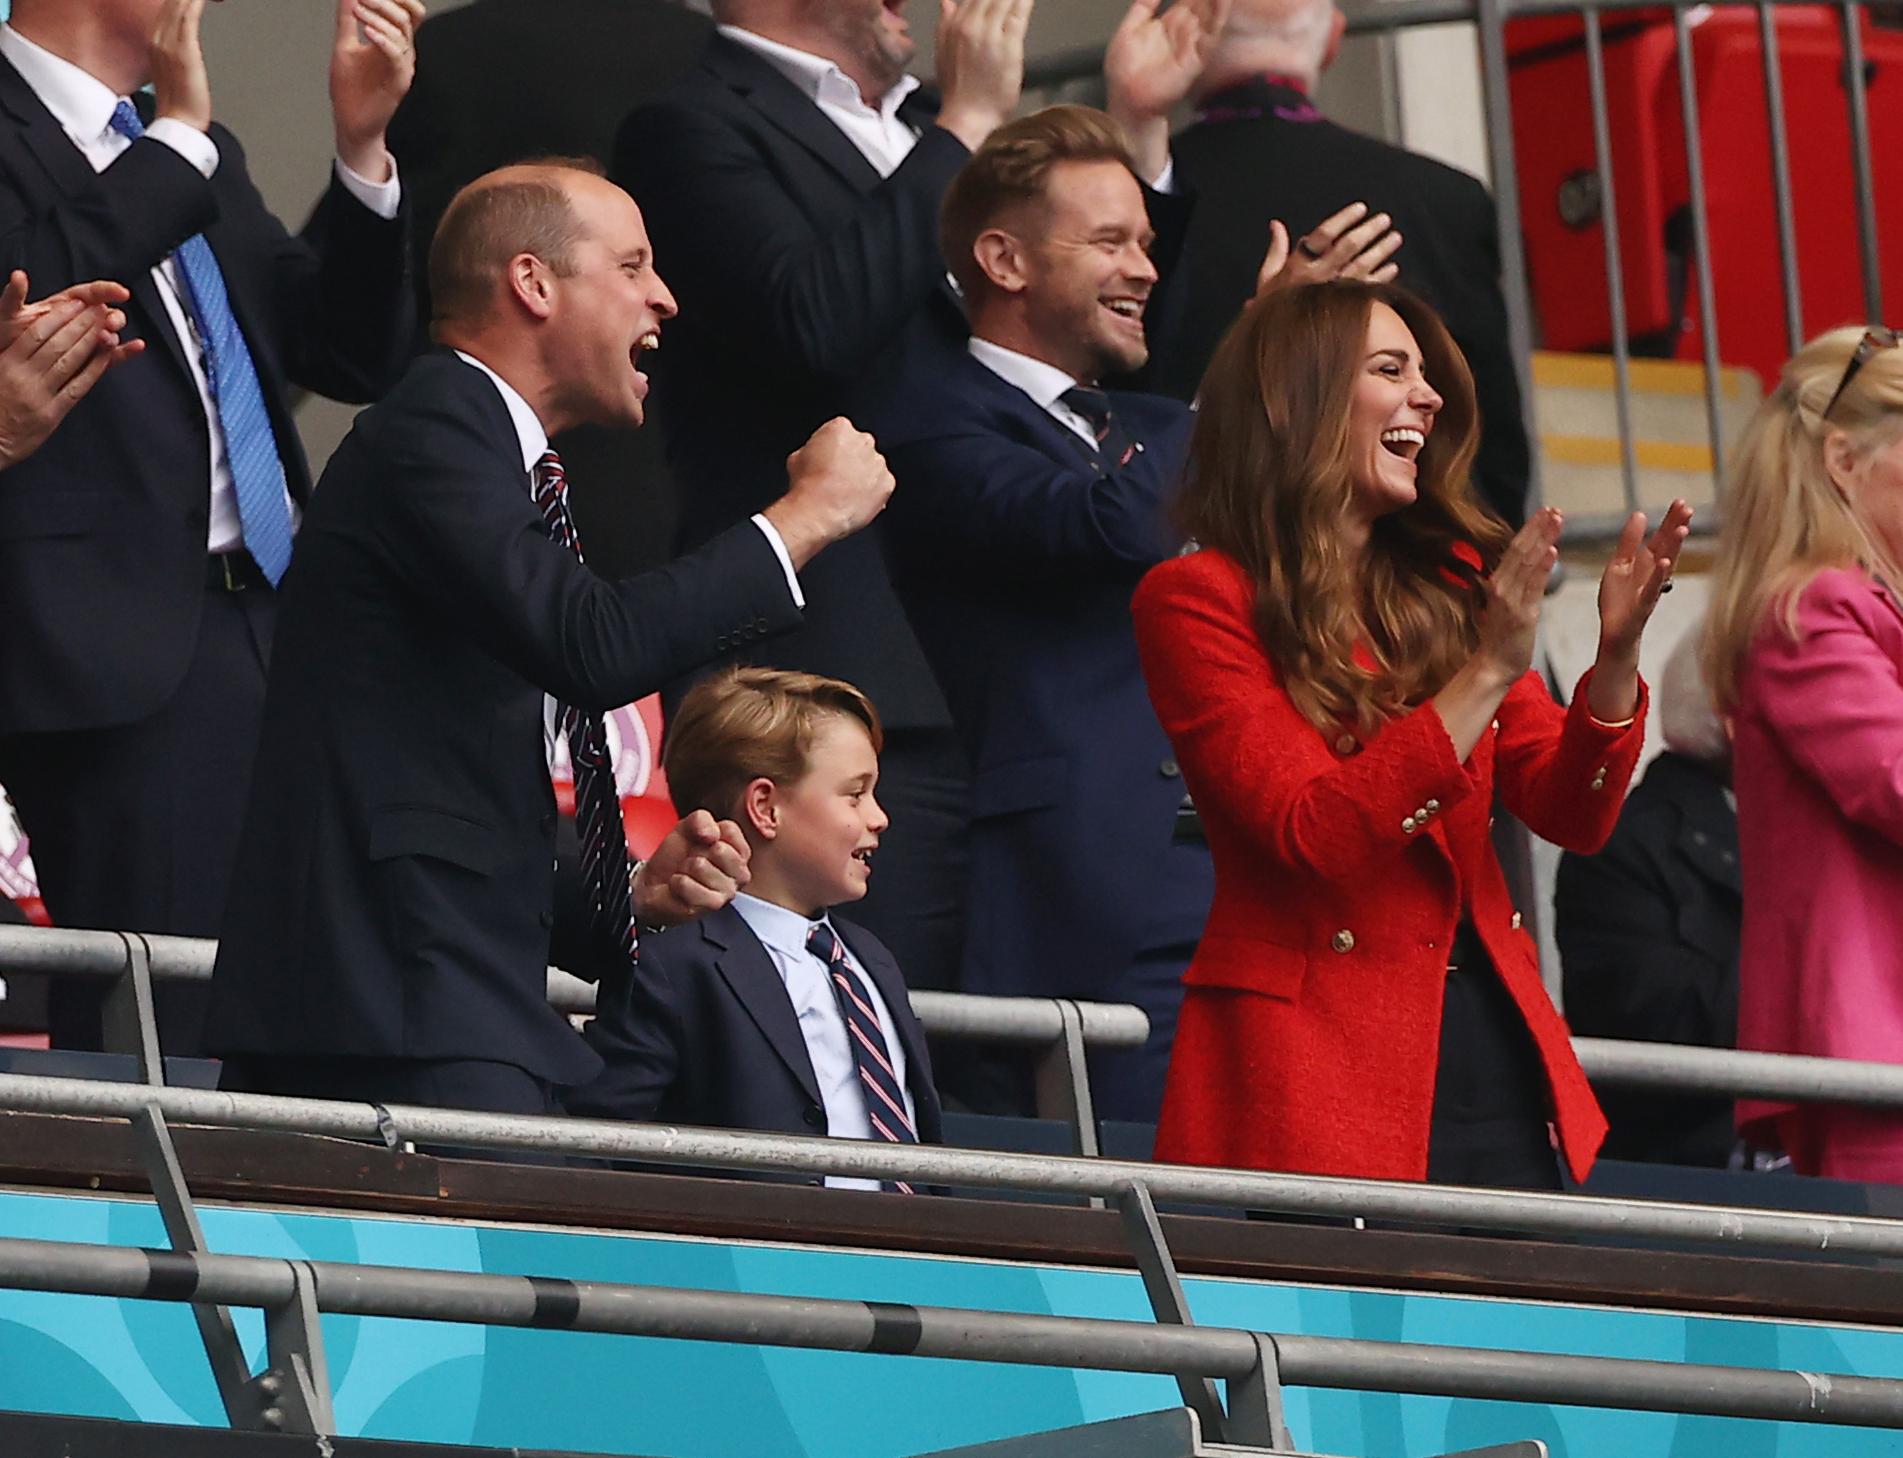 Familia regală a Angliei, dezlănțuită la meciul de pe Wembley cu Germania. Sursă foto: The Sun